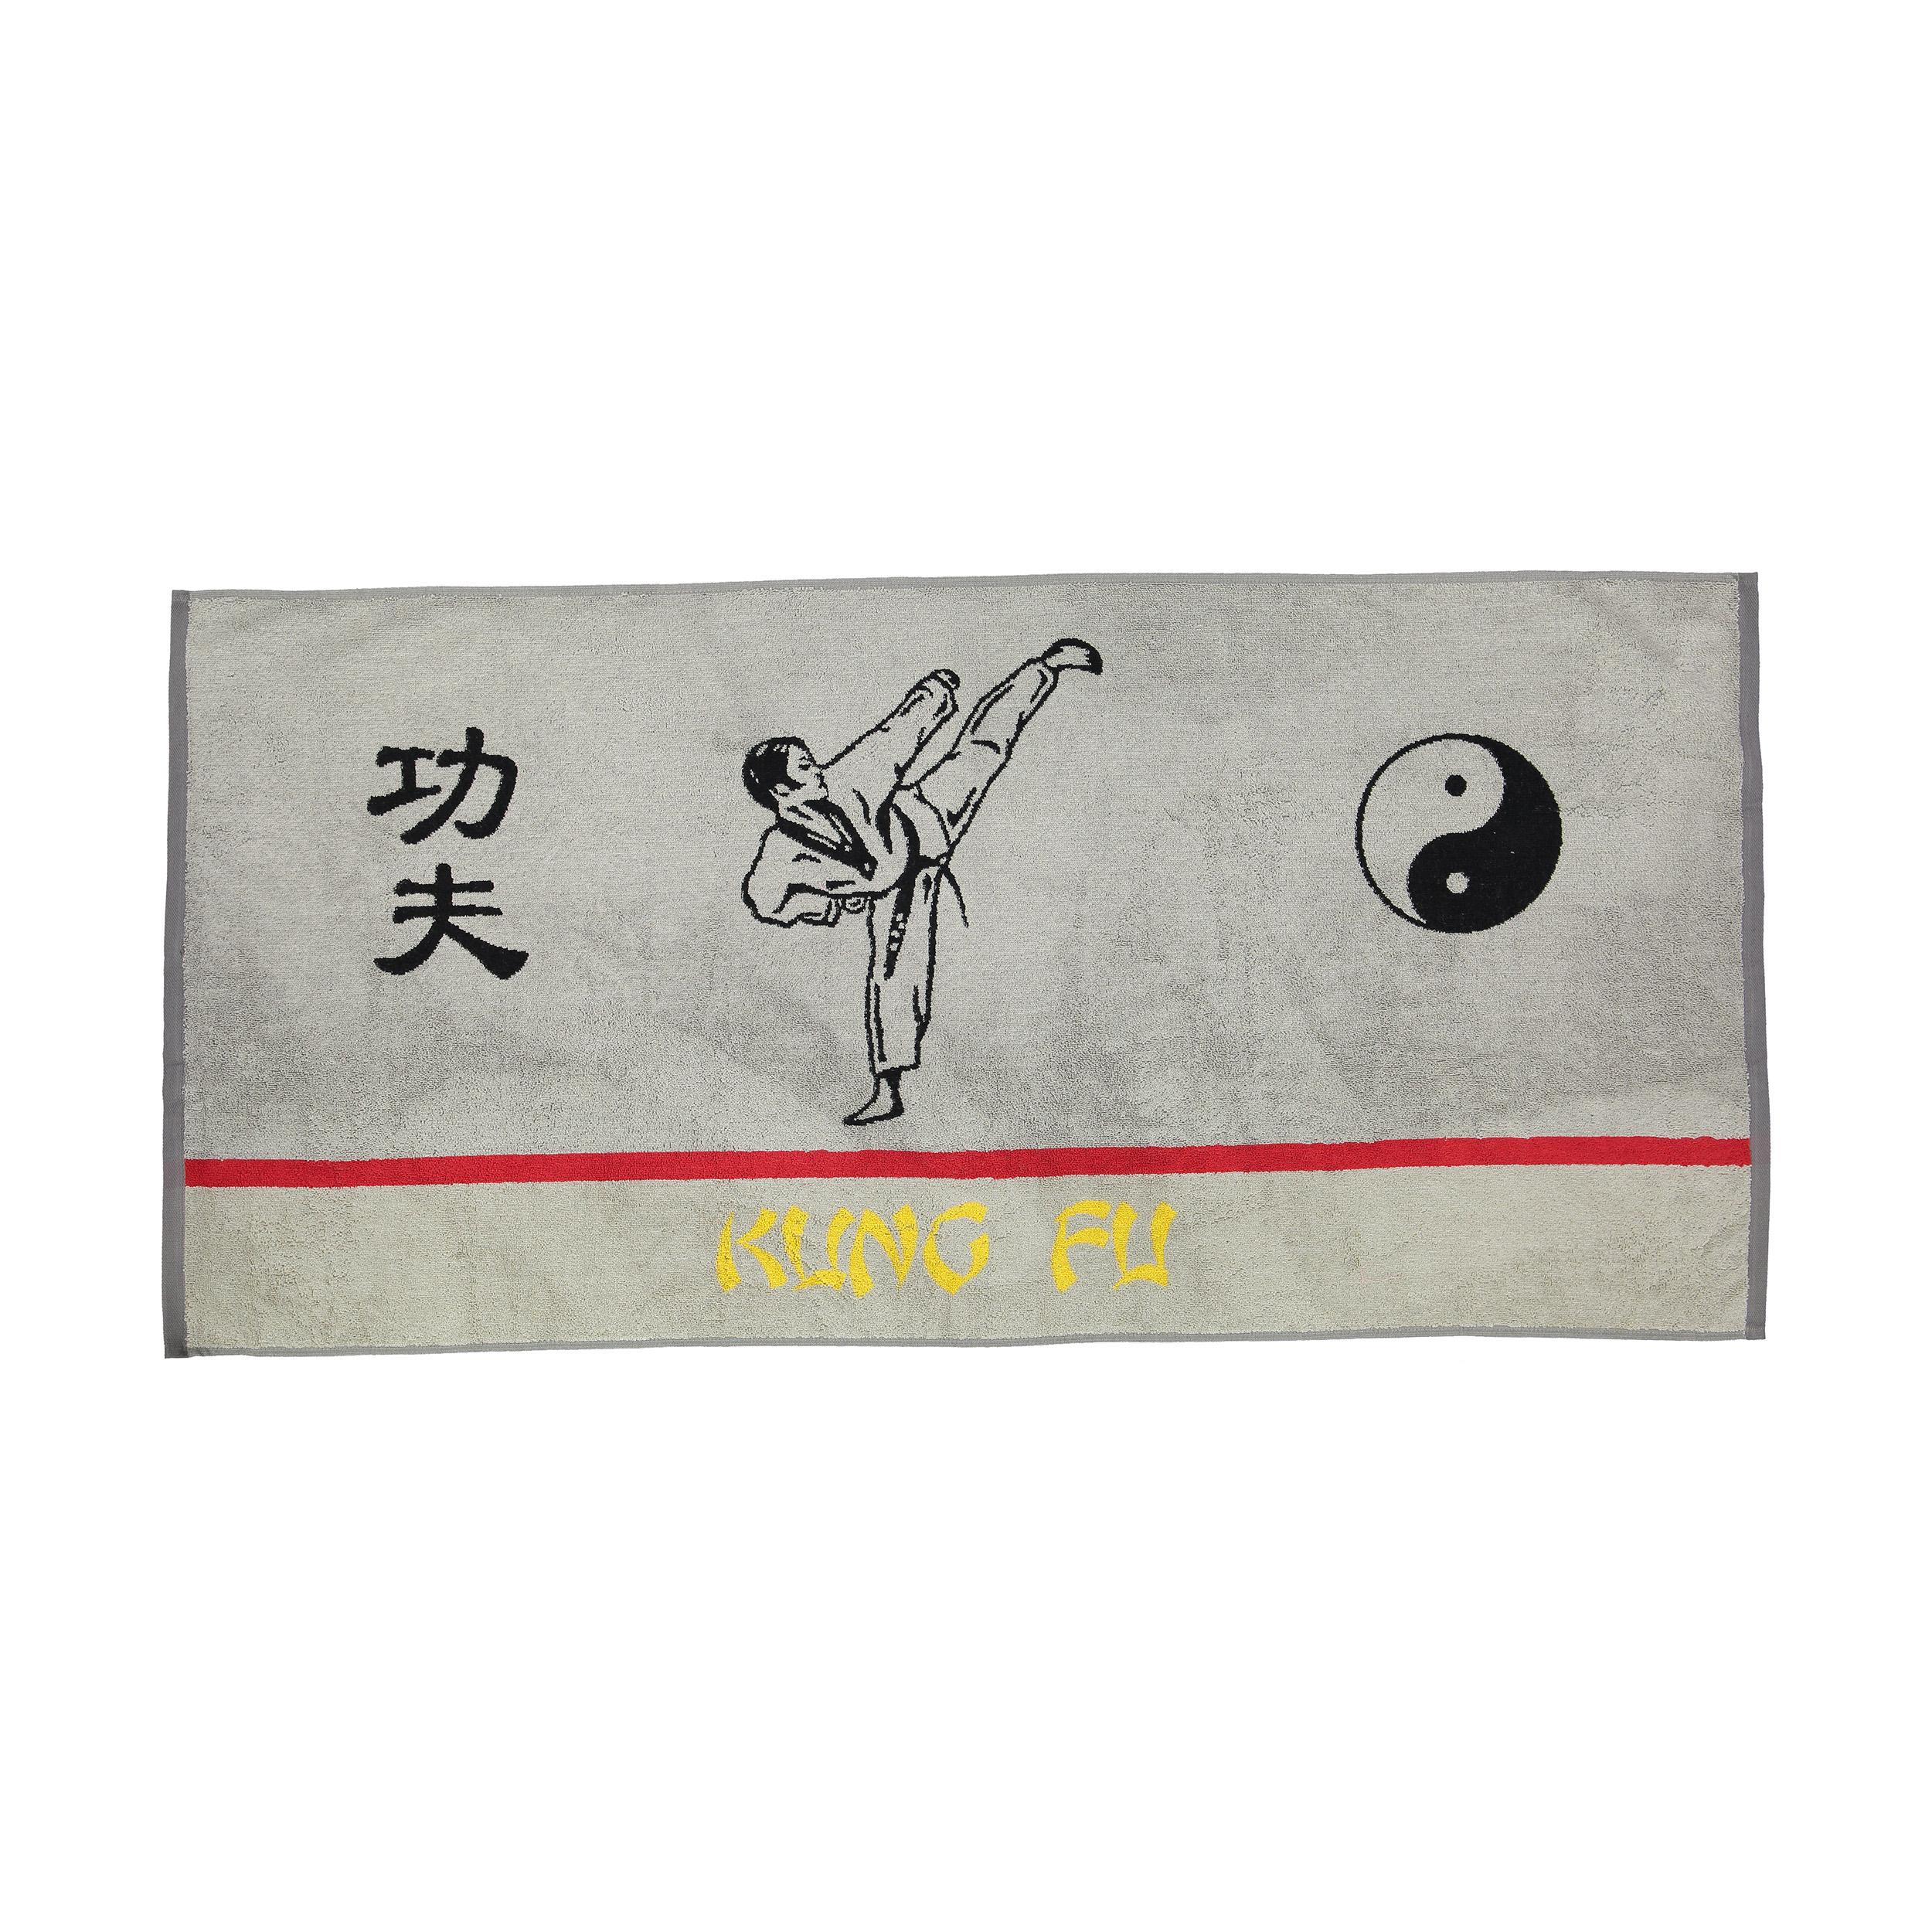 حوله استخری برق لامع مدل Kung Fu سایز 65 × 140 سانتی متر